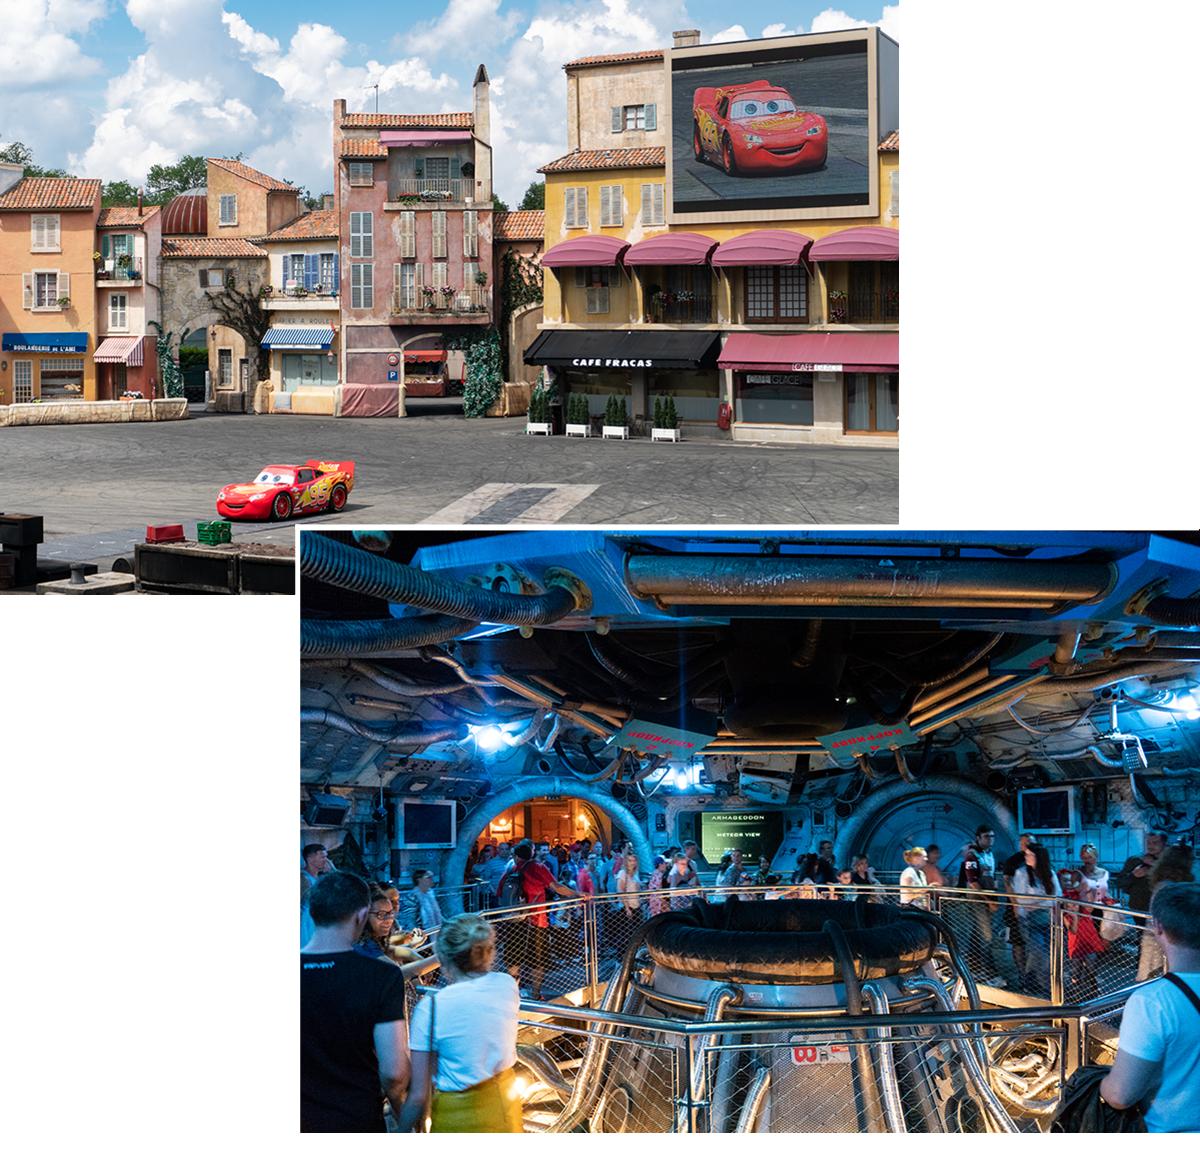 Bild: Armageddon, Disneyland Paris, Erwachsener ins Disneyland Paris, Moteurs Action, Disneyland,